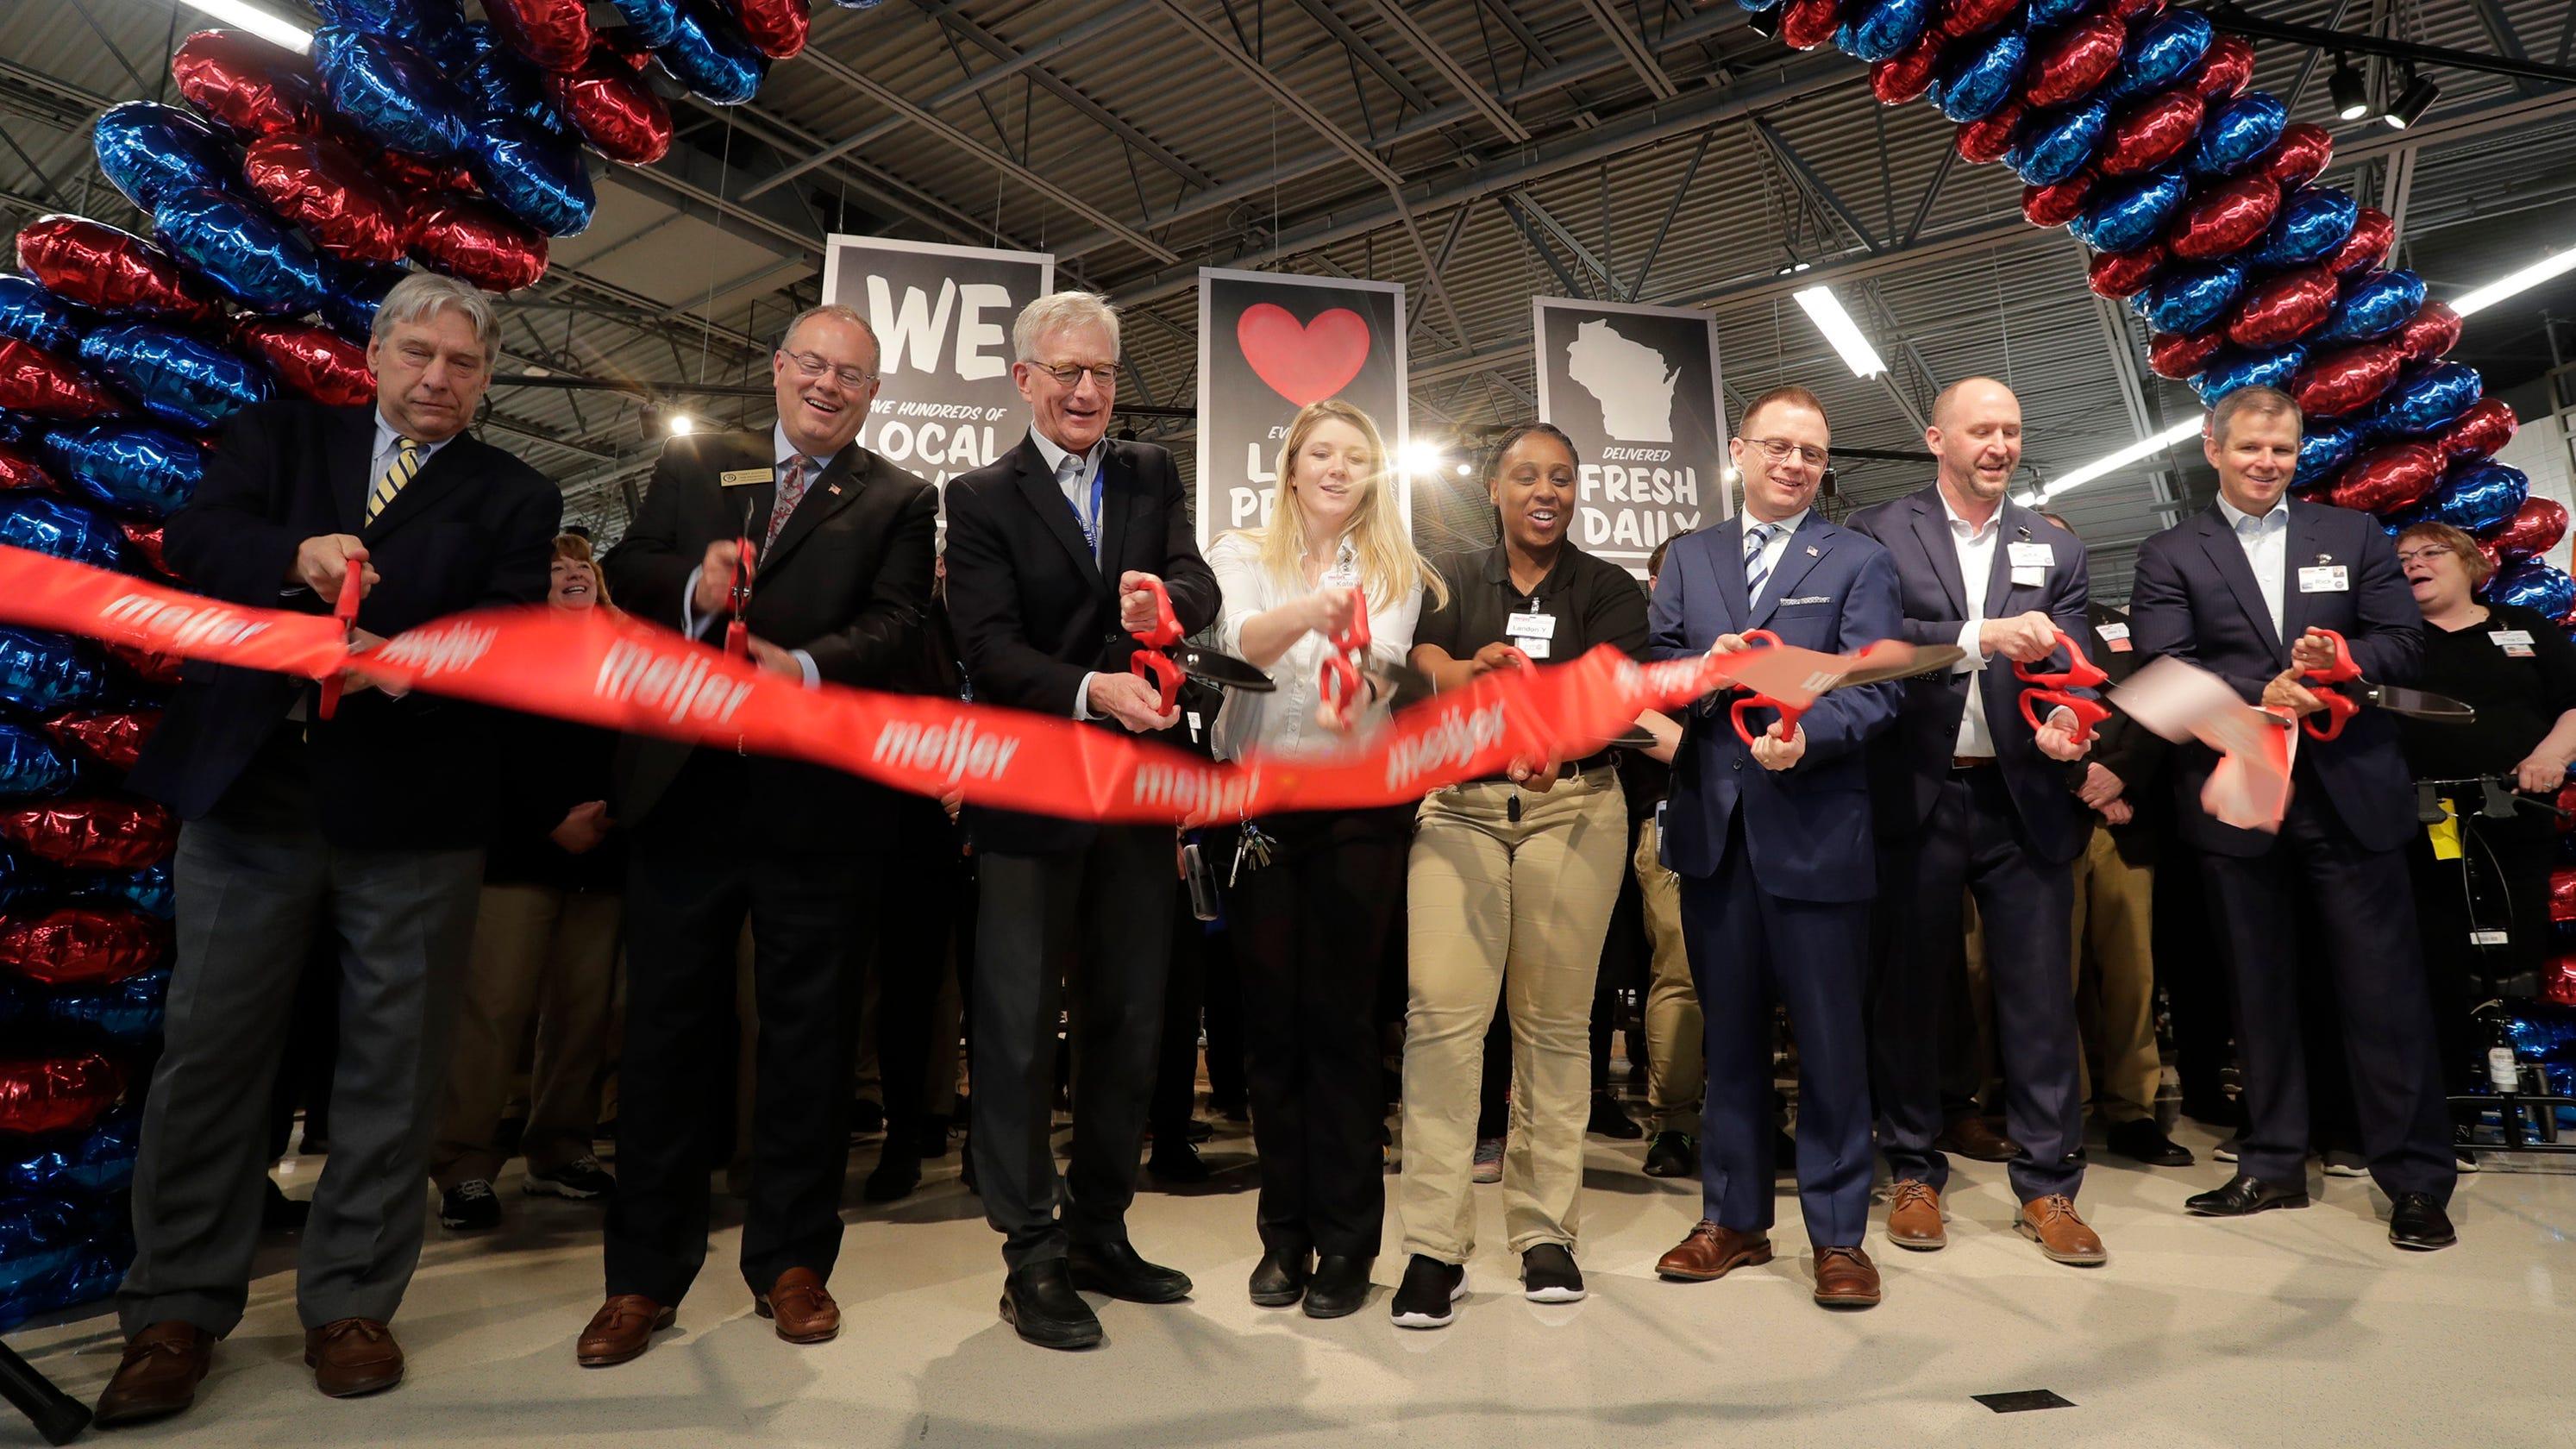 Meijer store in Sheboygan officially open